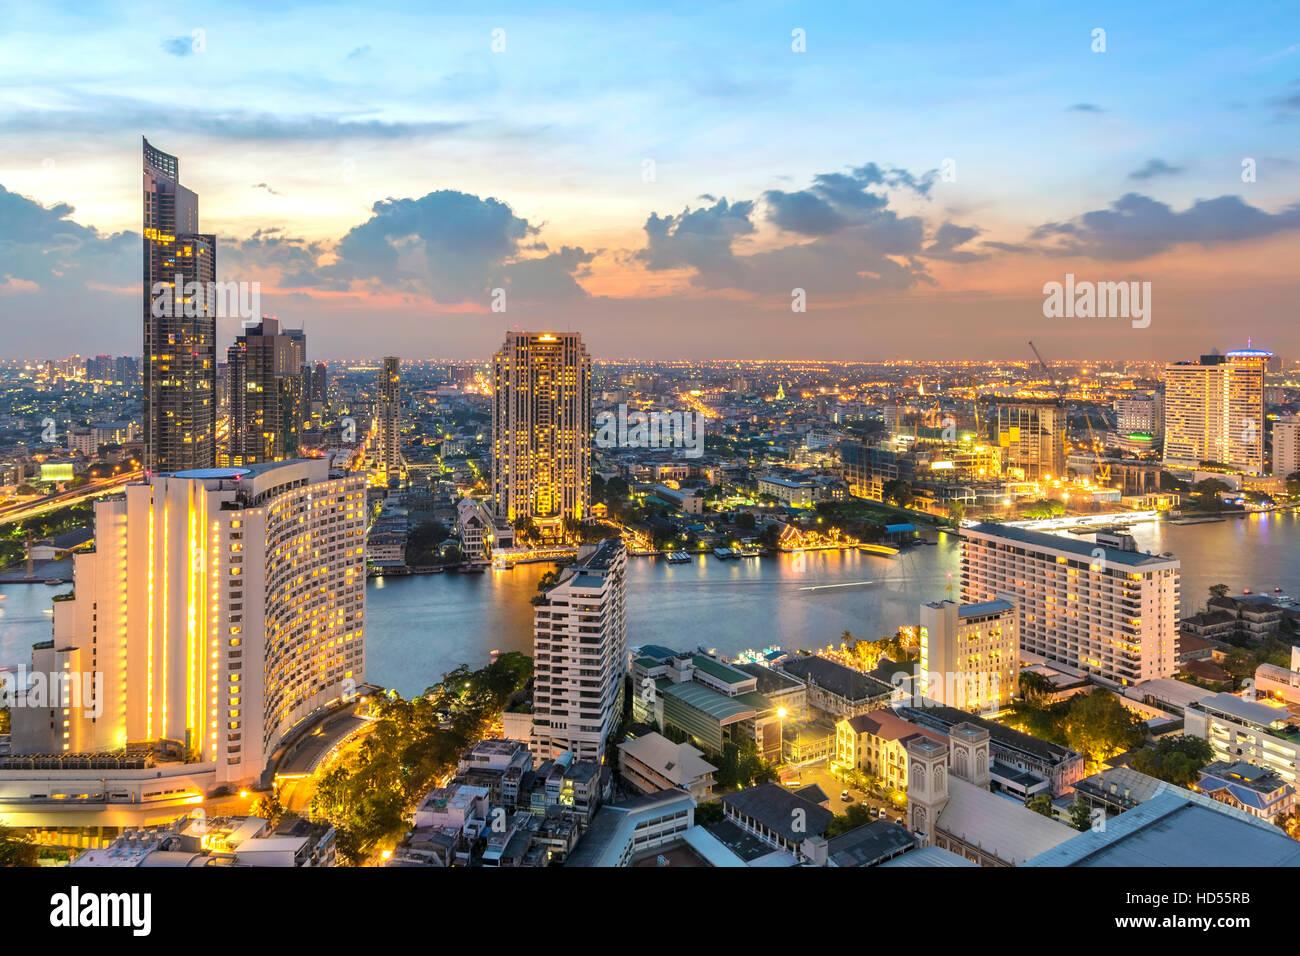 Vue sur le ciel crépusculaire à Bangkok. Photo prise sur 37 étage lebua des institutions .est avant Photo Stock